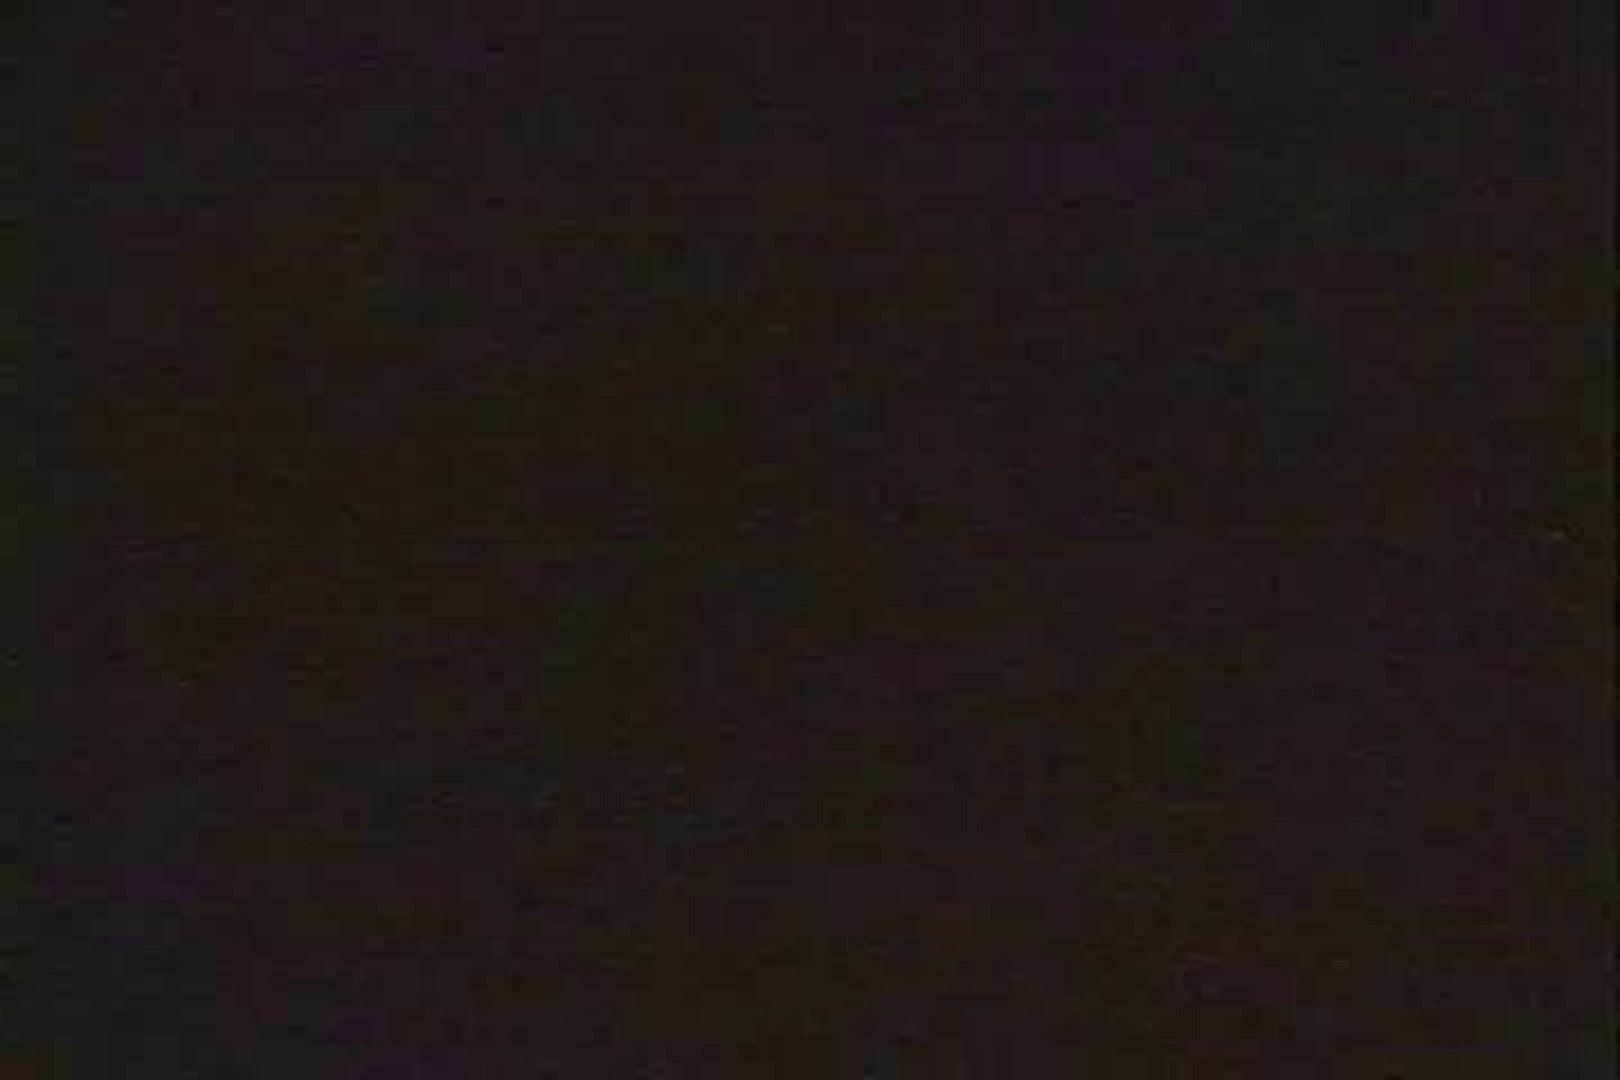 「ちくりん」さんのオリジナル未編集パンチラVol.1_01 美女OL | チラ見え画像  35連発 7